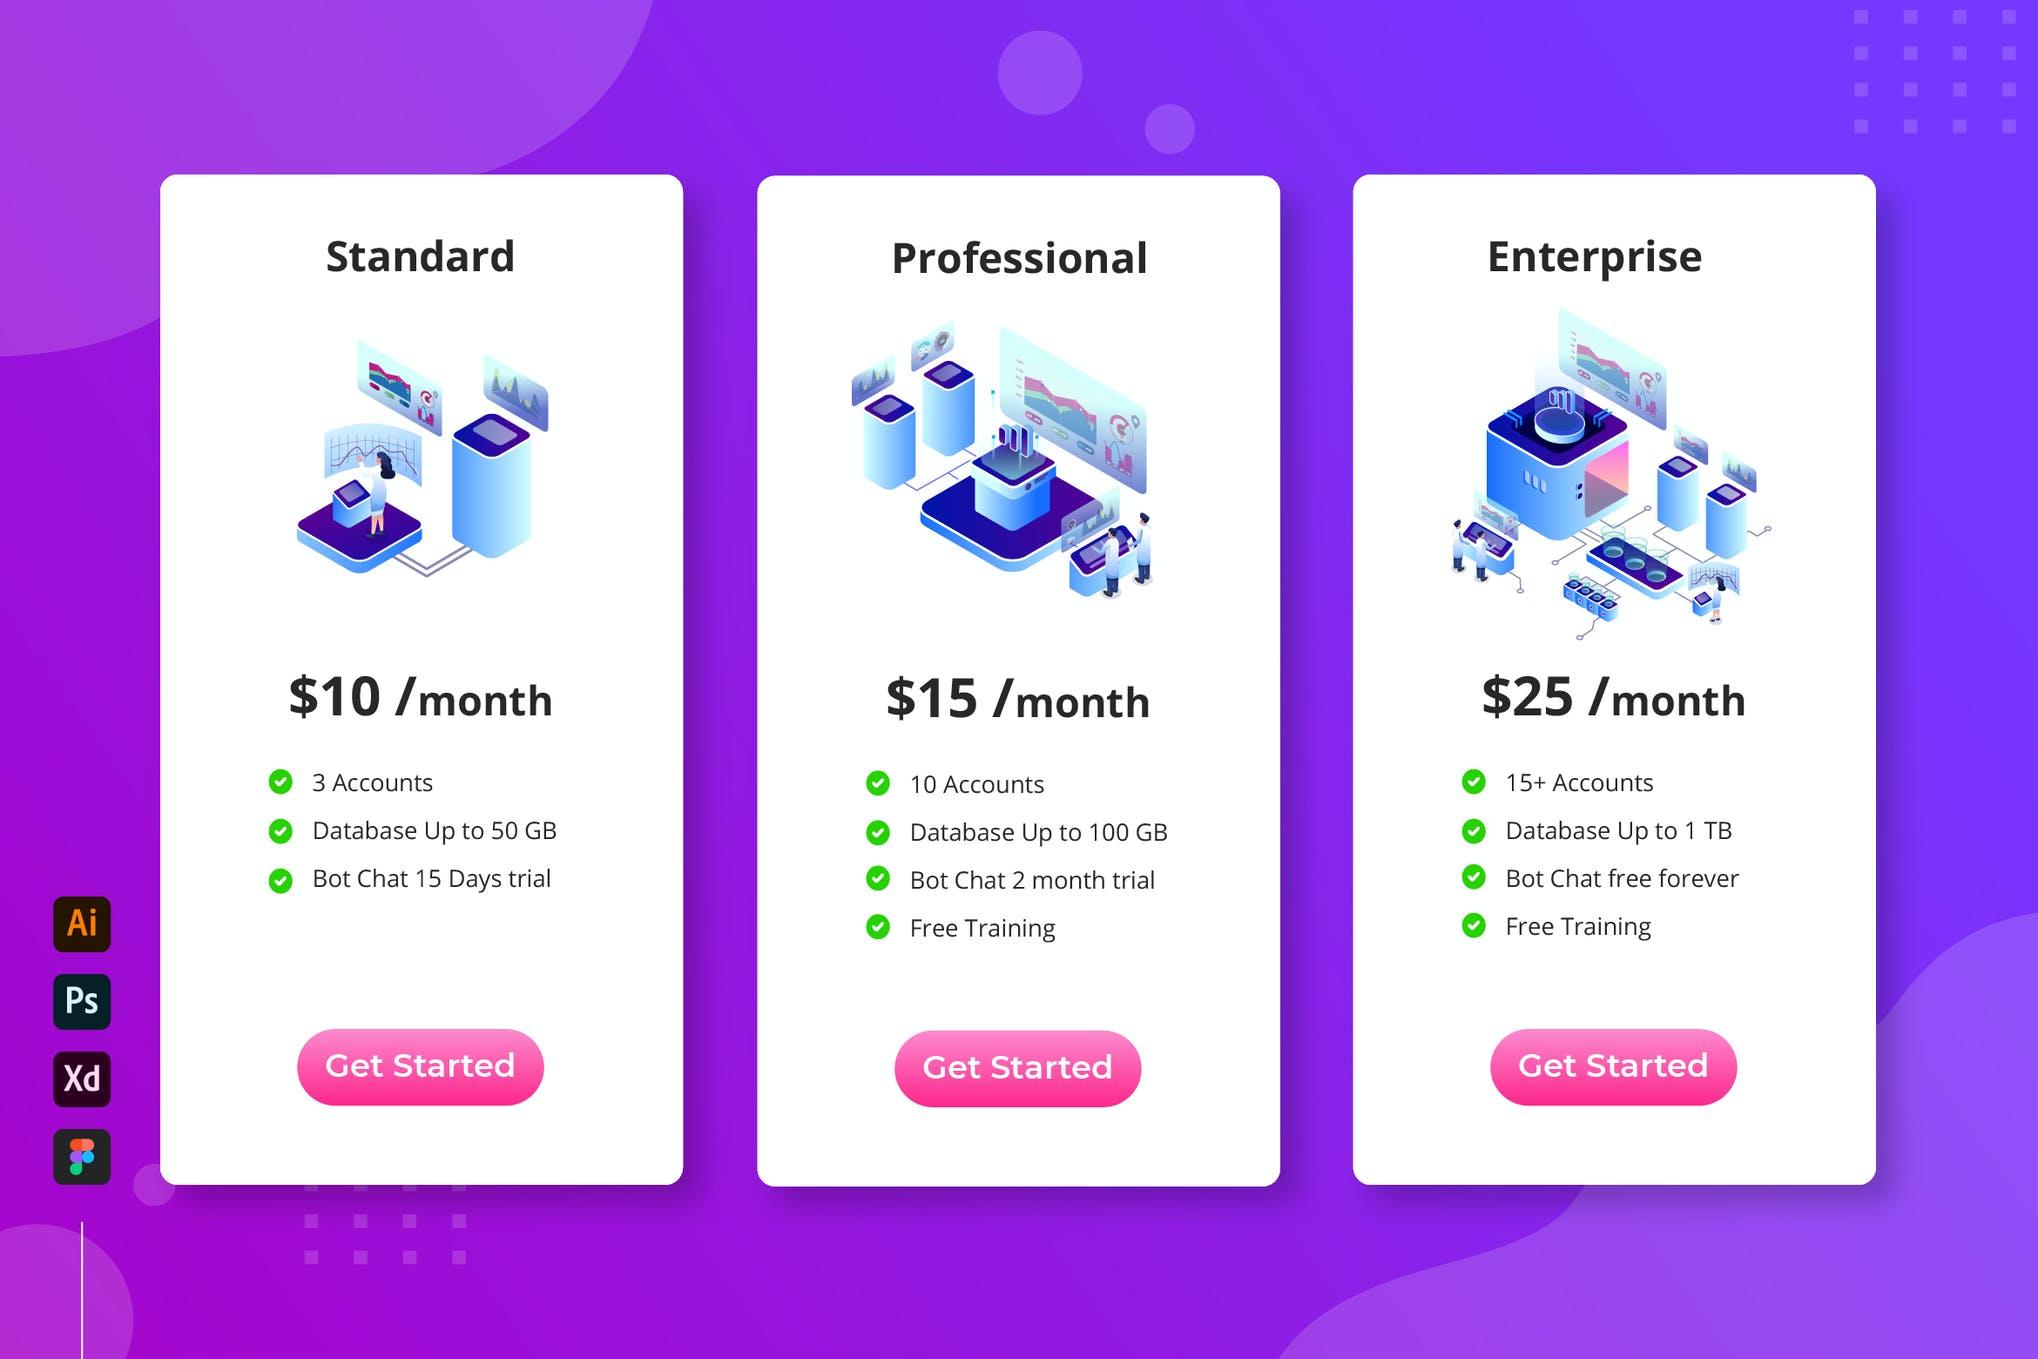 云数据库-等距定价表app模板素材插画引导页面下载